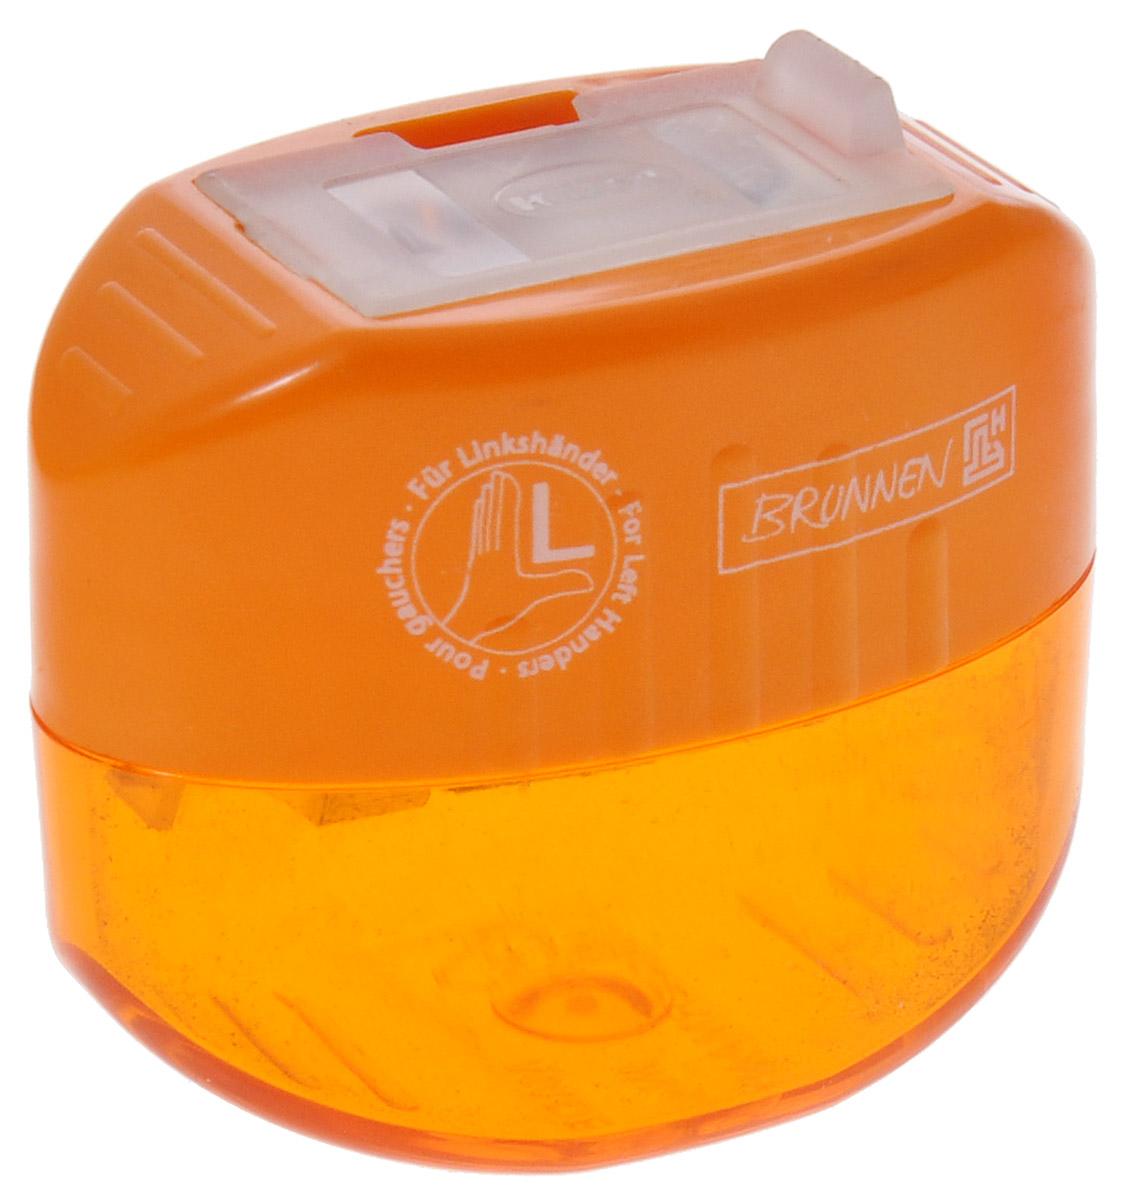 Brunnen Точилка двойная, для левшей, цвет: оранжевый29842\BCD_оранжевыйТочилка двойная для левшей Brunnen, выполнена из прочного пластика. В точилке имеются два отверстия для карандашей разного диаметра, подходит для различных видов карандашей. Отверстия закрываются удобной пластиковой крышкой. Полупрозрачный контейнер для сбора стружки позволяет визуально контролировать уровень заполнения и вовремя производить очистку.